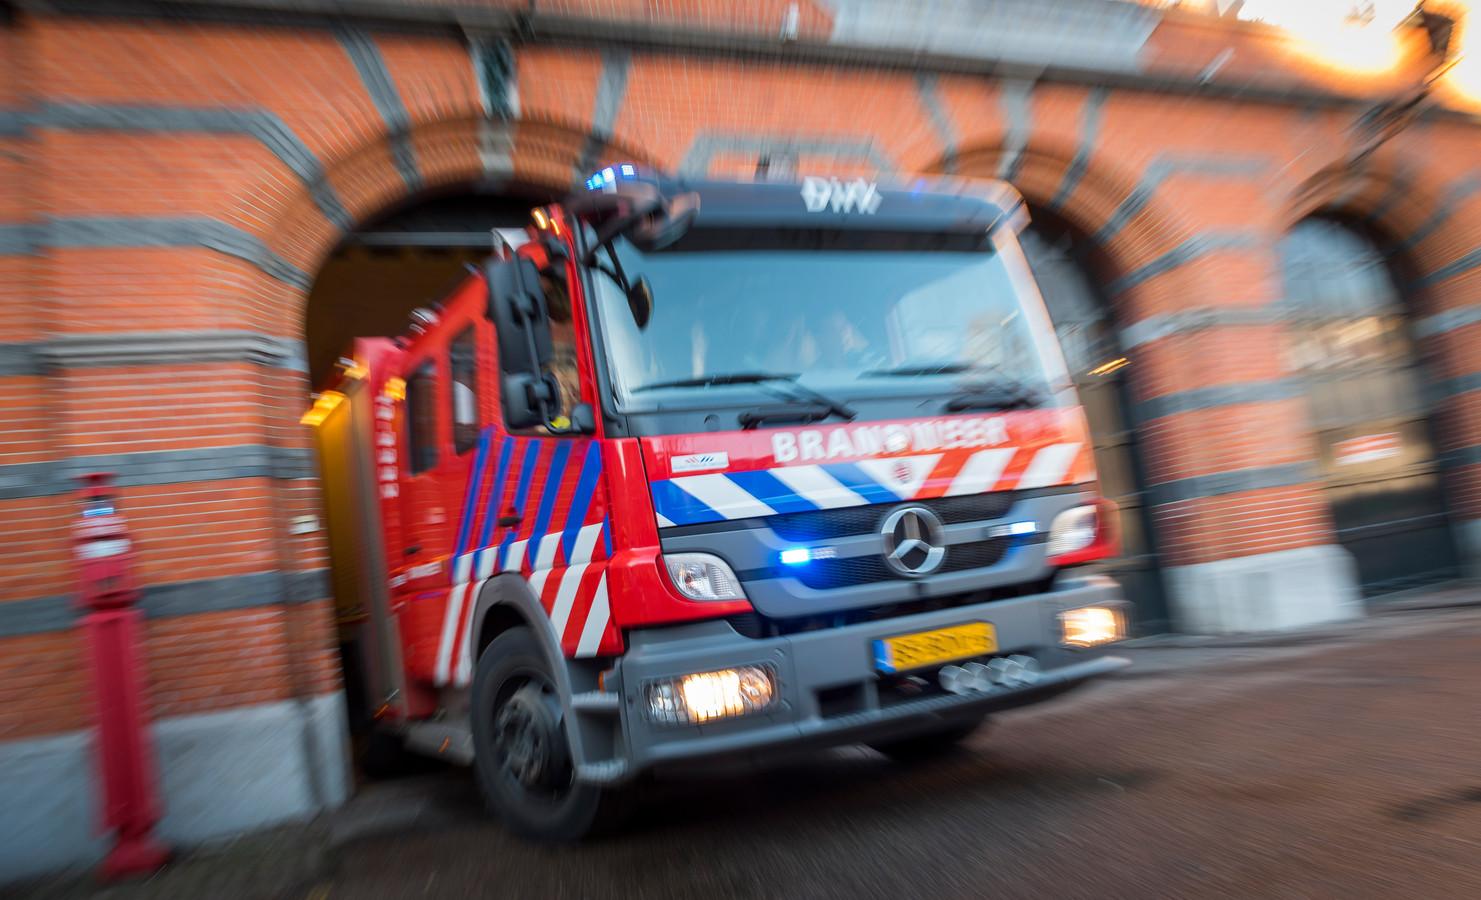 Een brandweerauto rukt uit na een melding. (Foto ter illustratie)